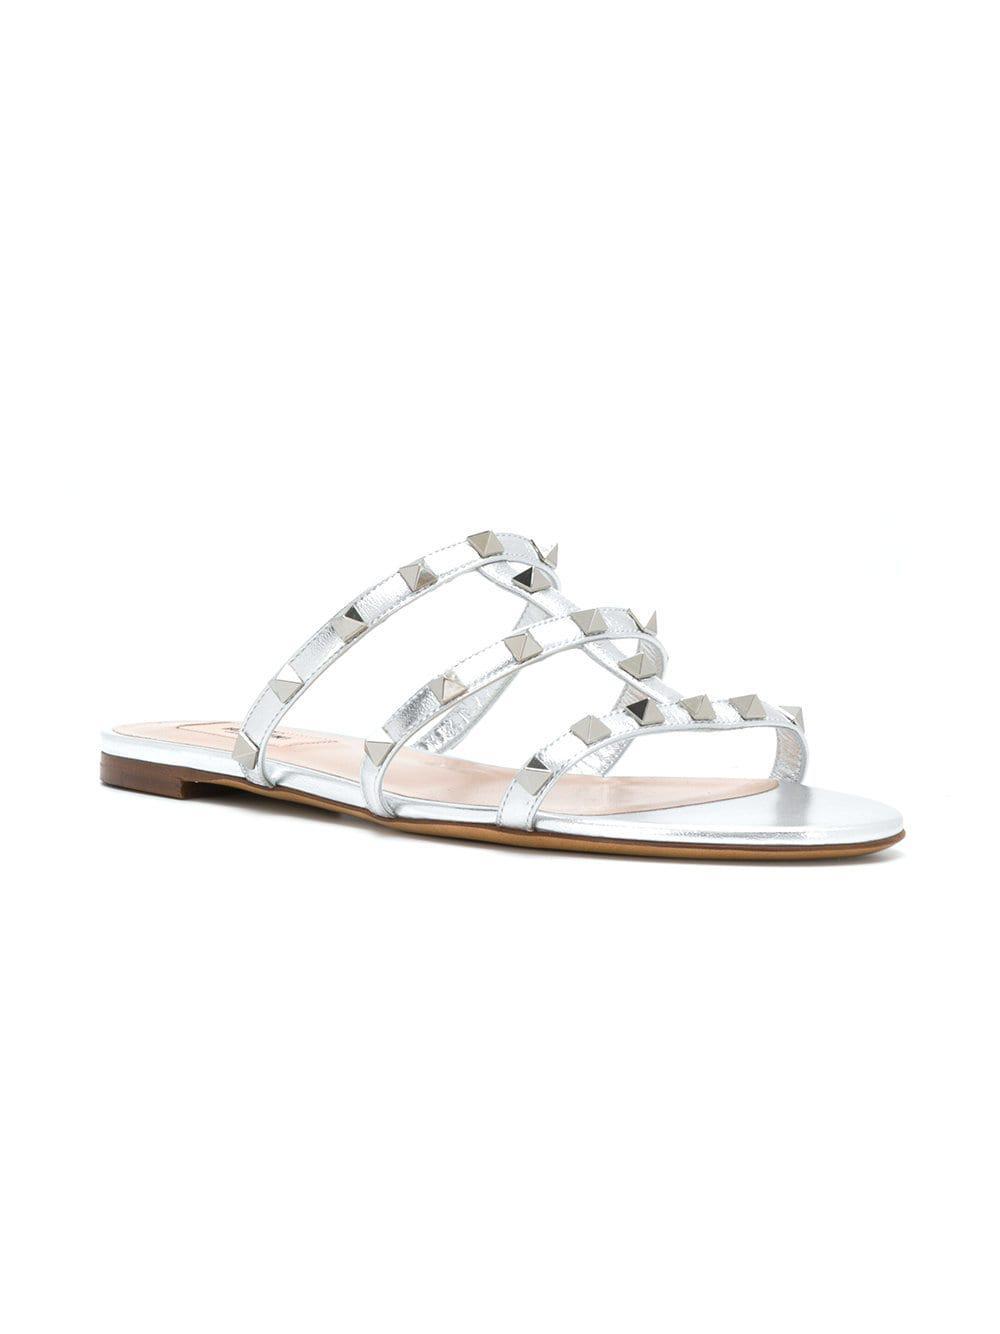 beac6ba5d72f Lyst - Valentino Garavani Rockstud Sandals in Metallic - Save 1%